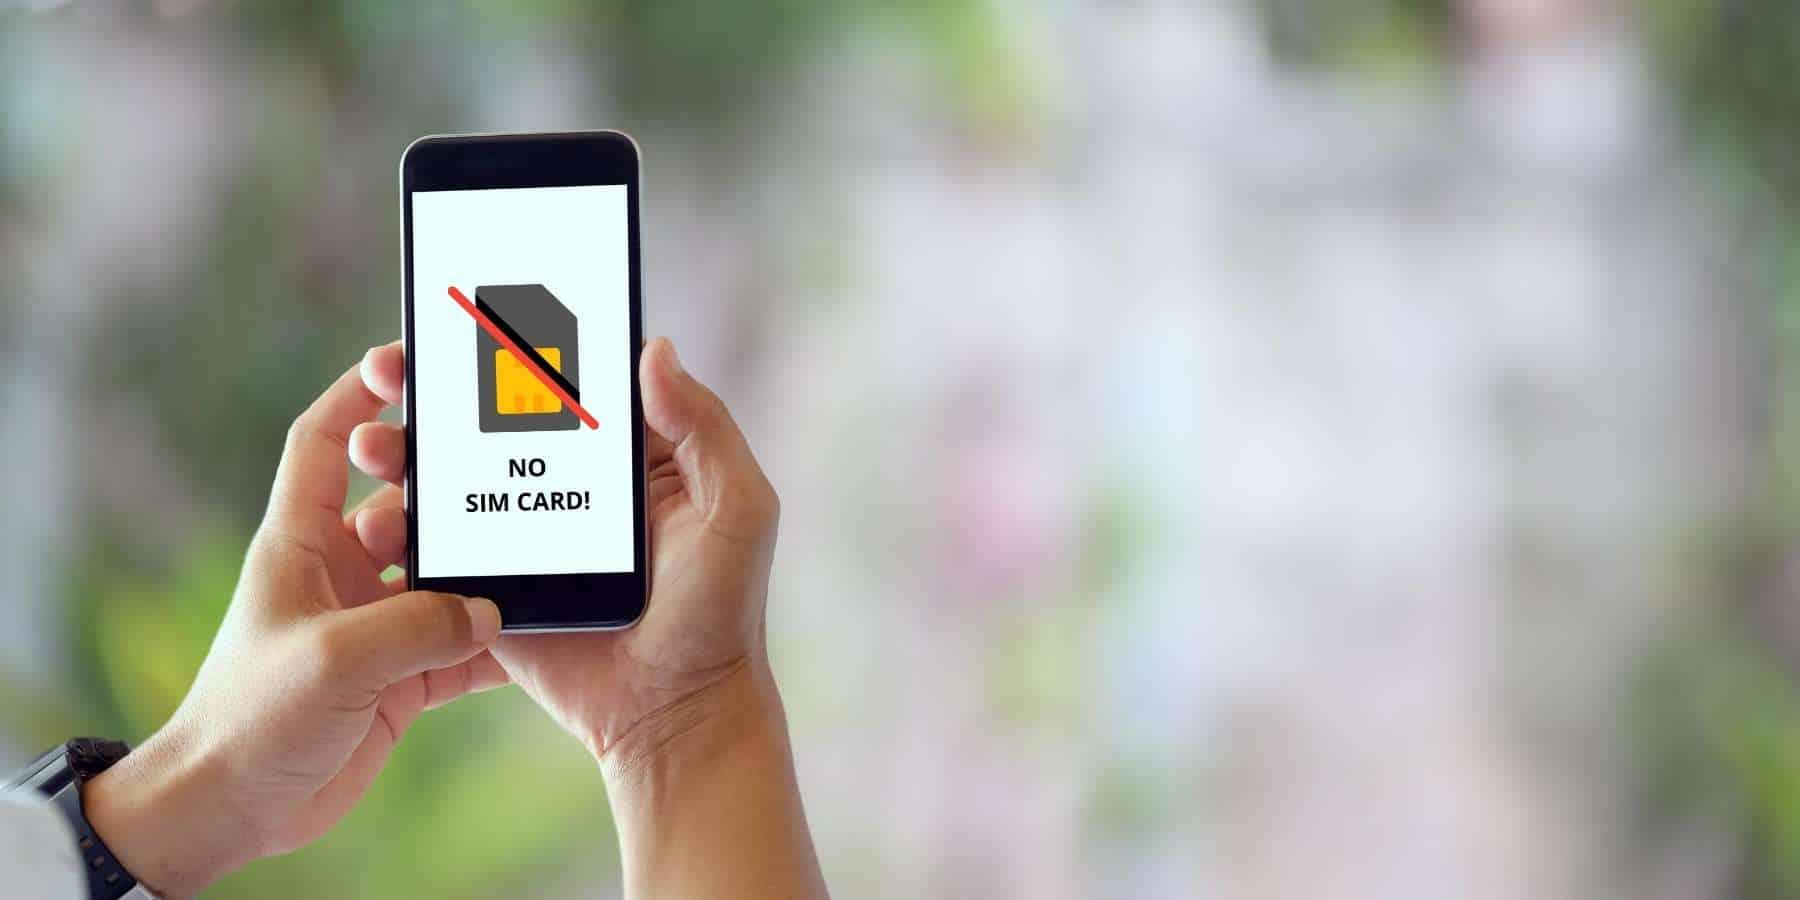 Cara Mengatasi Kartu SIM Tidak Terbaca di HP, Gampang! - Teknologi.id